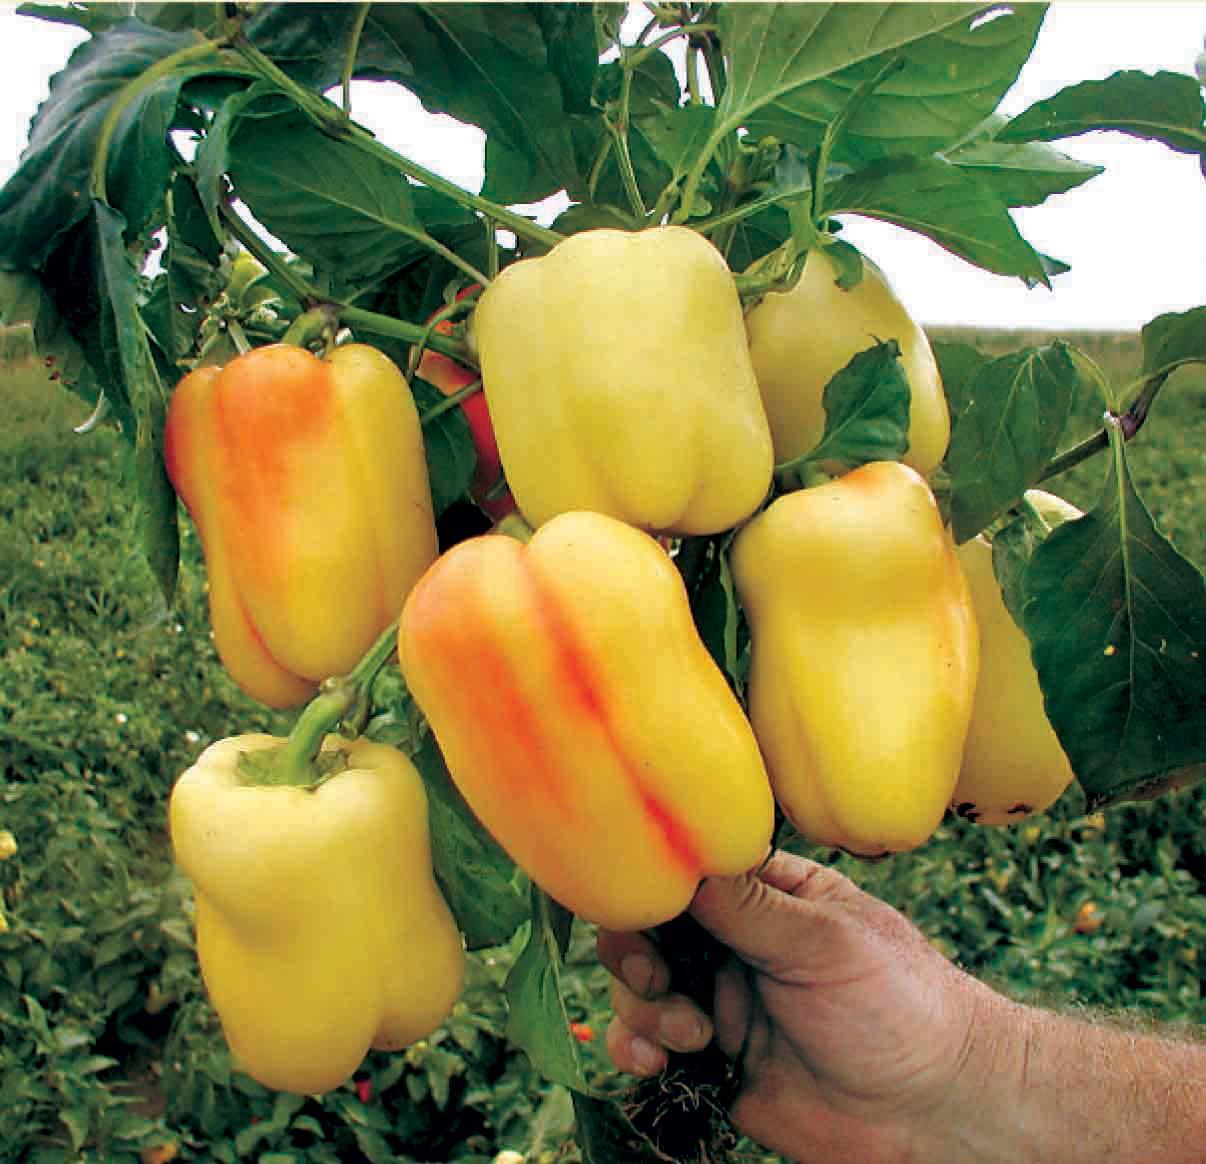 Строгое соблюдение сроков внесения подкормок и правильный выбор удобрений оказывают значительное влияние на плодоношения перца и позволяют получить хороший урожай этого овоща